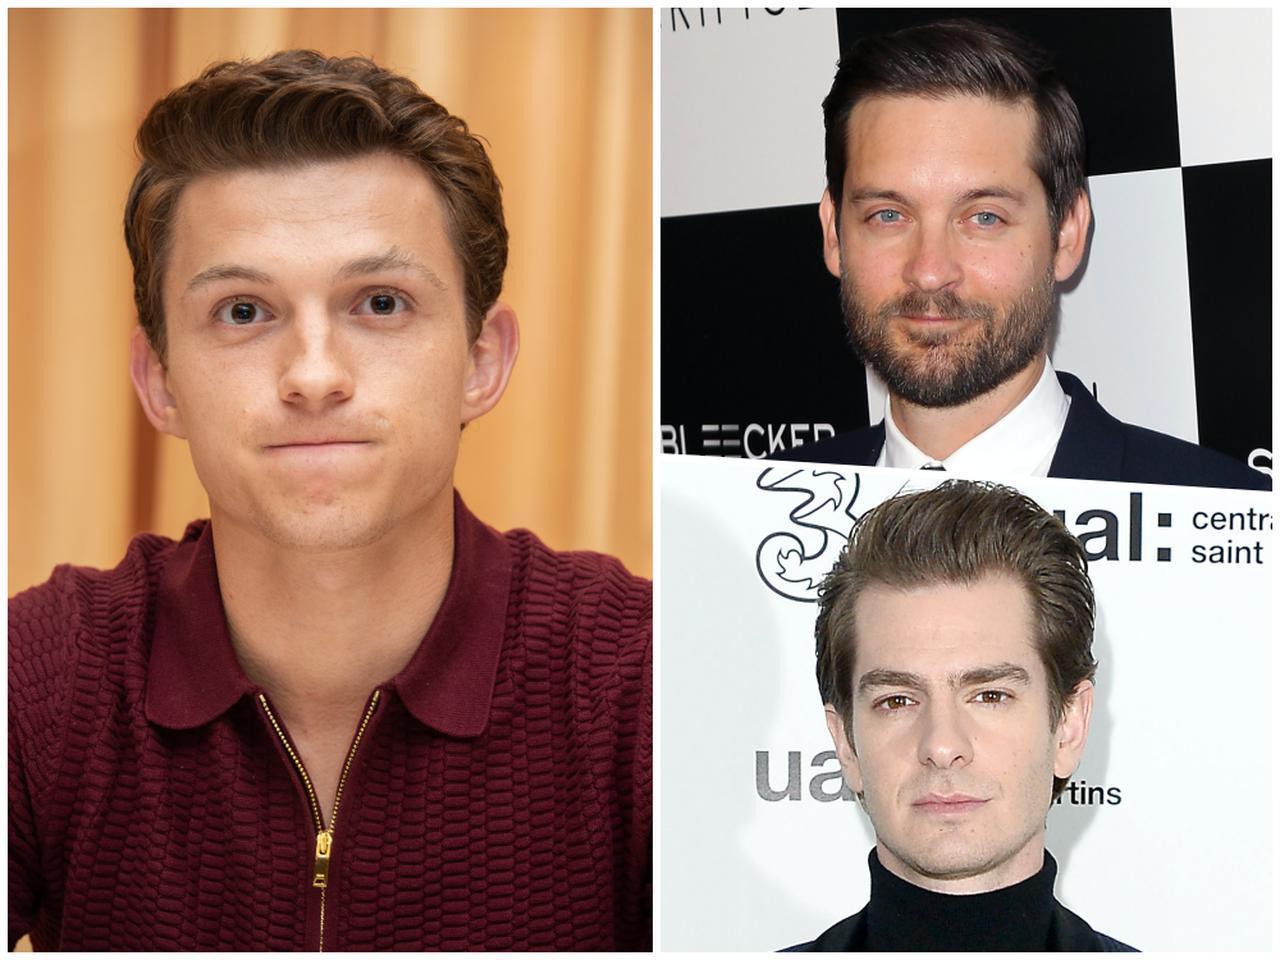 画像: 3代目スパイダーマンのトム・ホランド(左)と初代スパイダーマンのトビー・マグワイア(右上)、2代目スパイダーマンのアンドリュー・ガーフィールド(右下)。